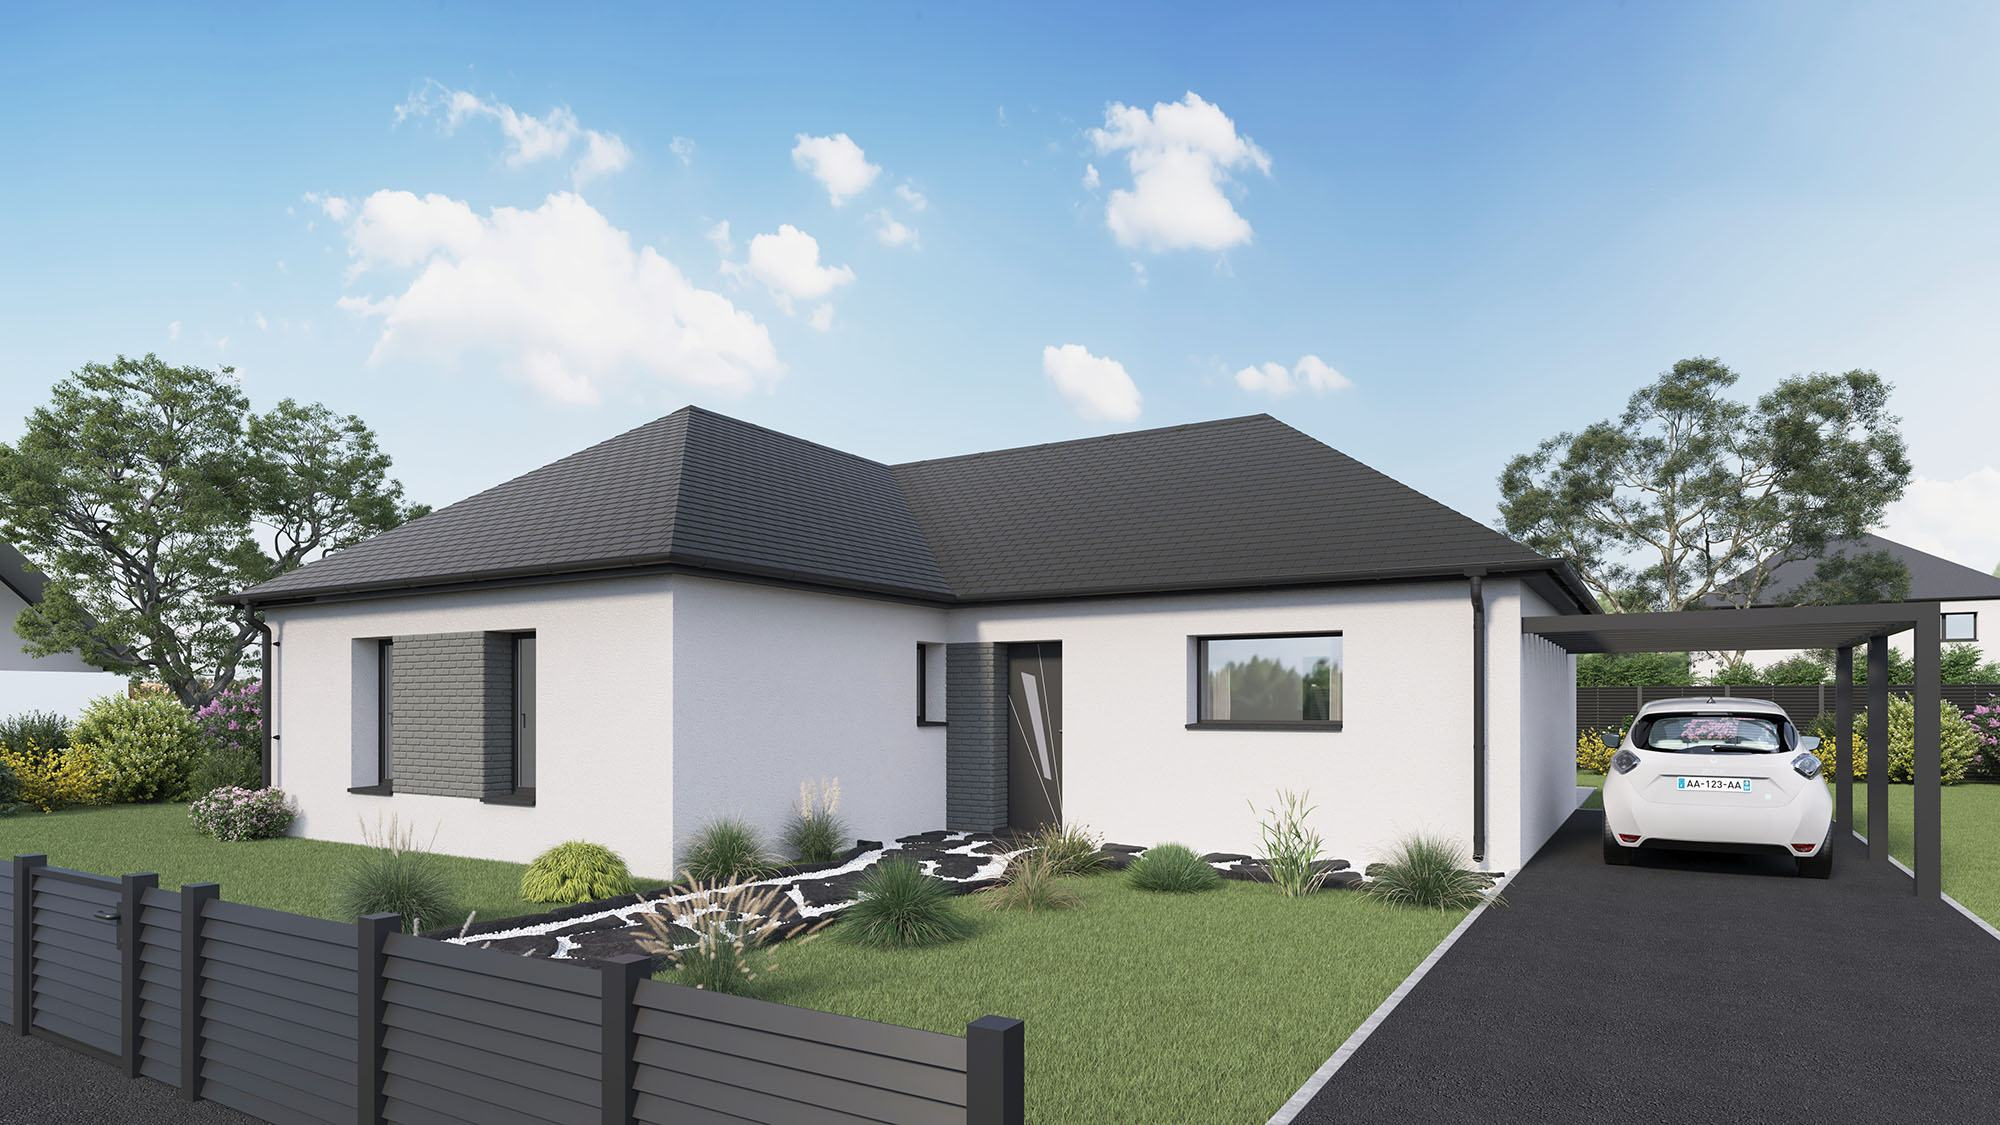 Maisons + Terrains du constructeur MAISON CASTOR • 100 m² • VERNEUIL SUR AVRE